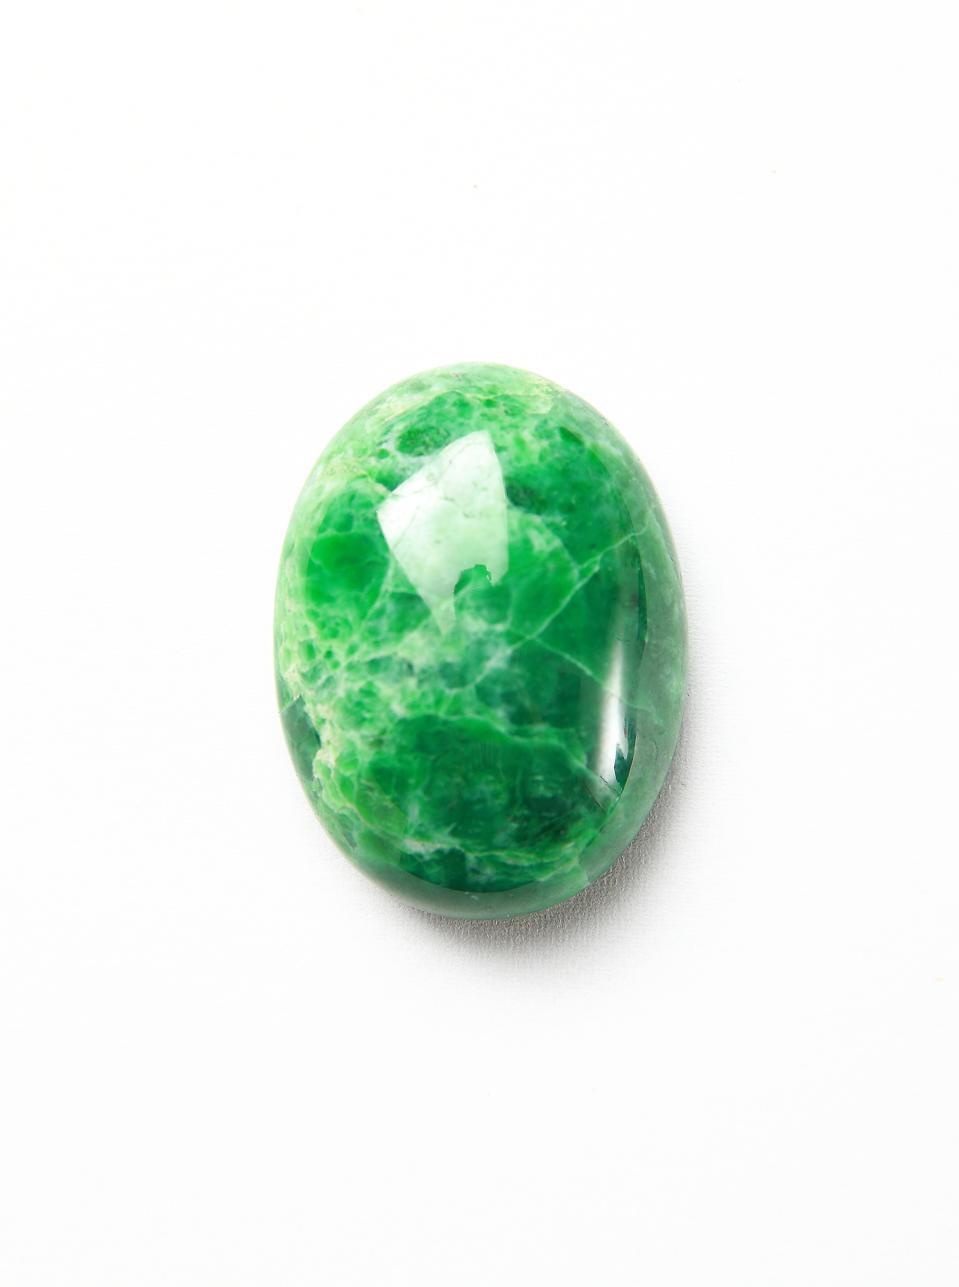 mineral jadeite on a white background